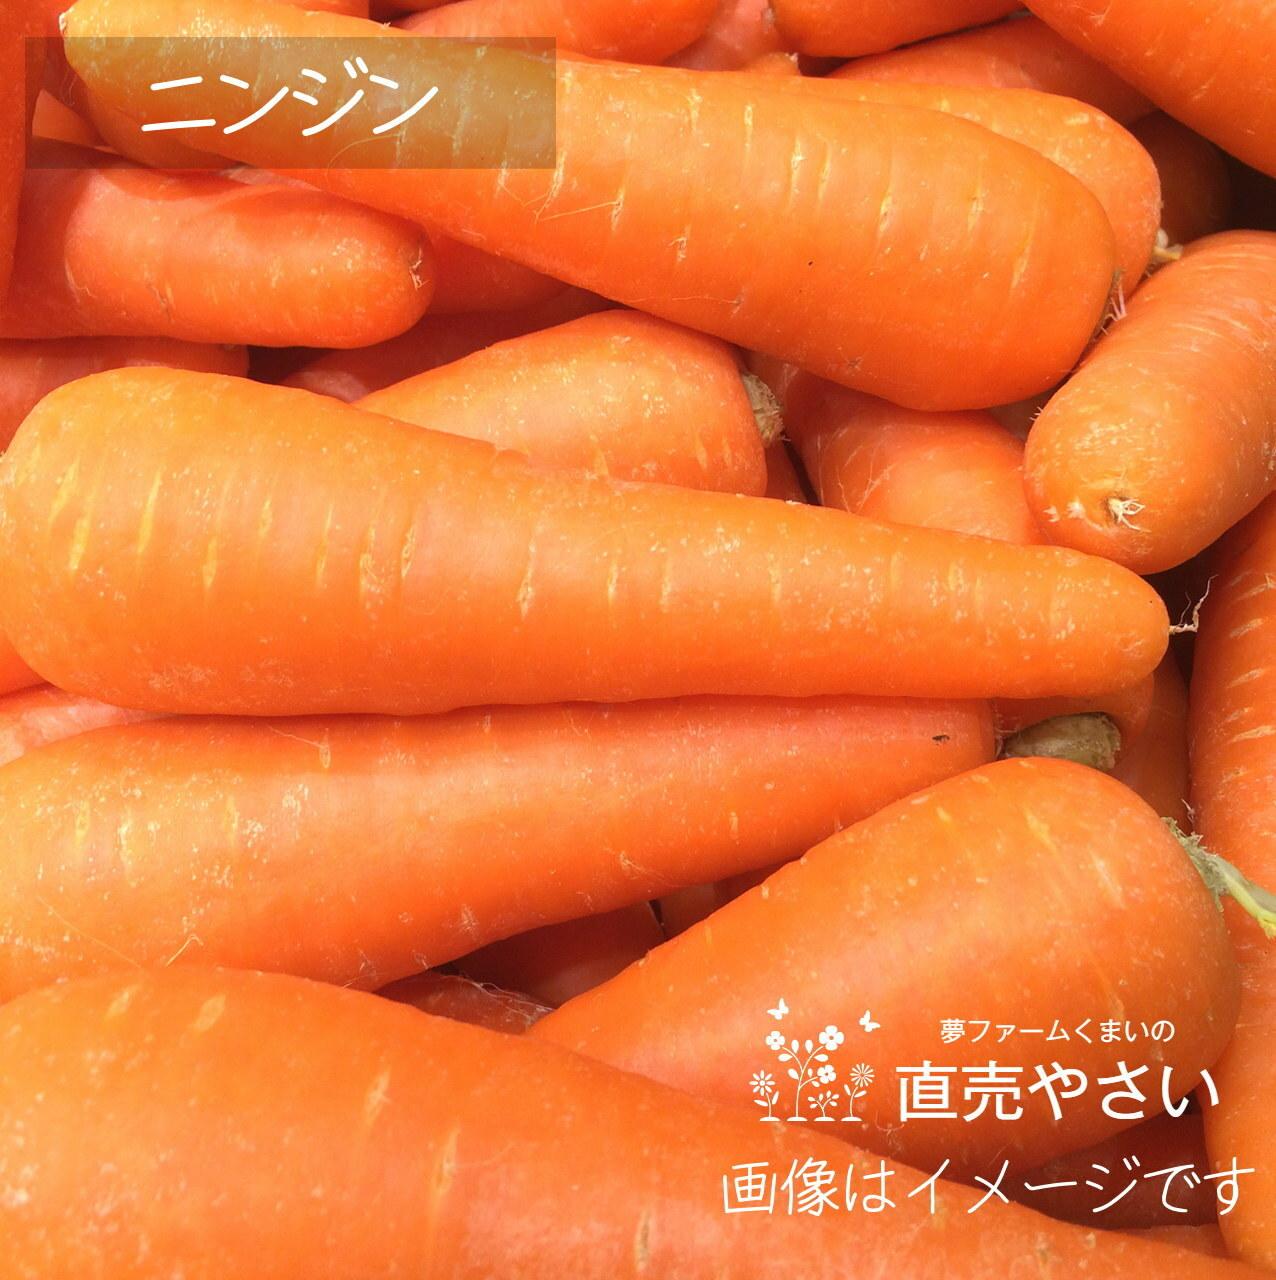 ニンジン 約400g  朝採り直売野菜 7月の新鮮な夏野菜  7月11日発送予定